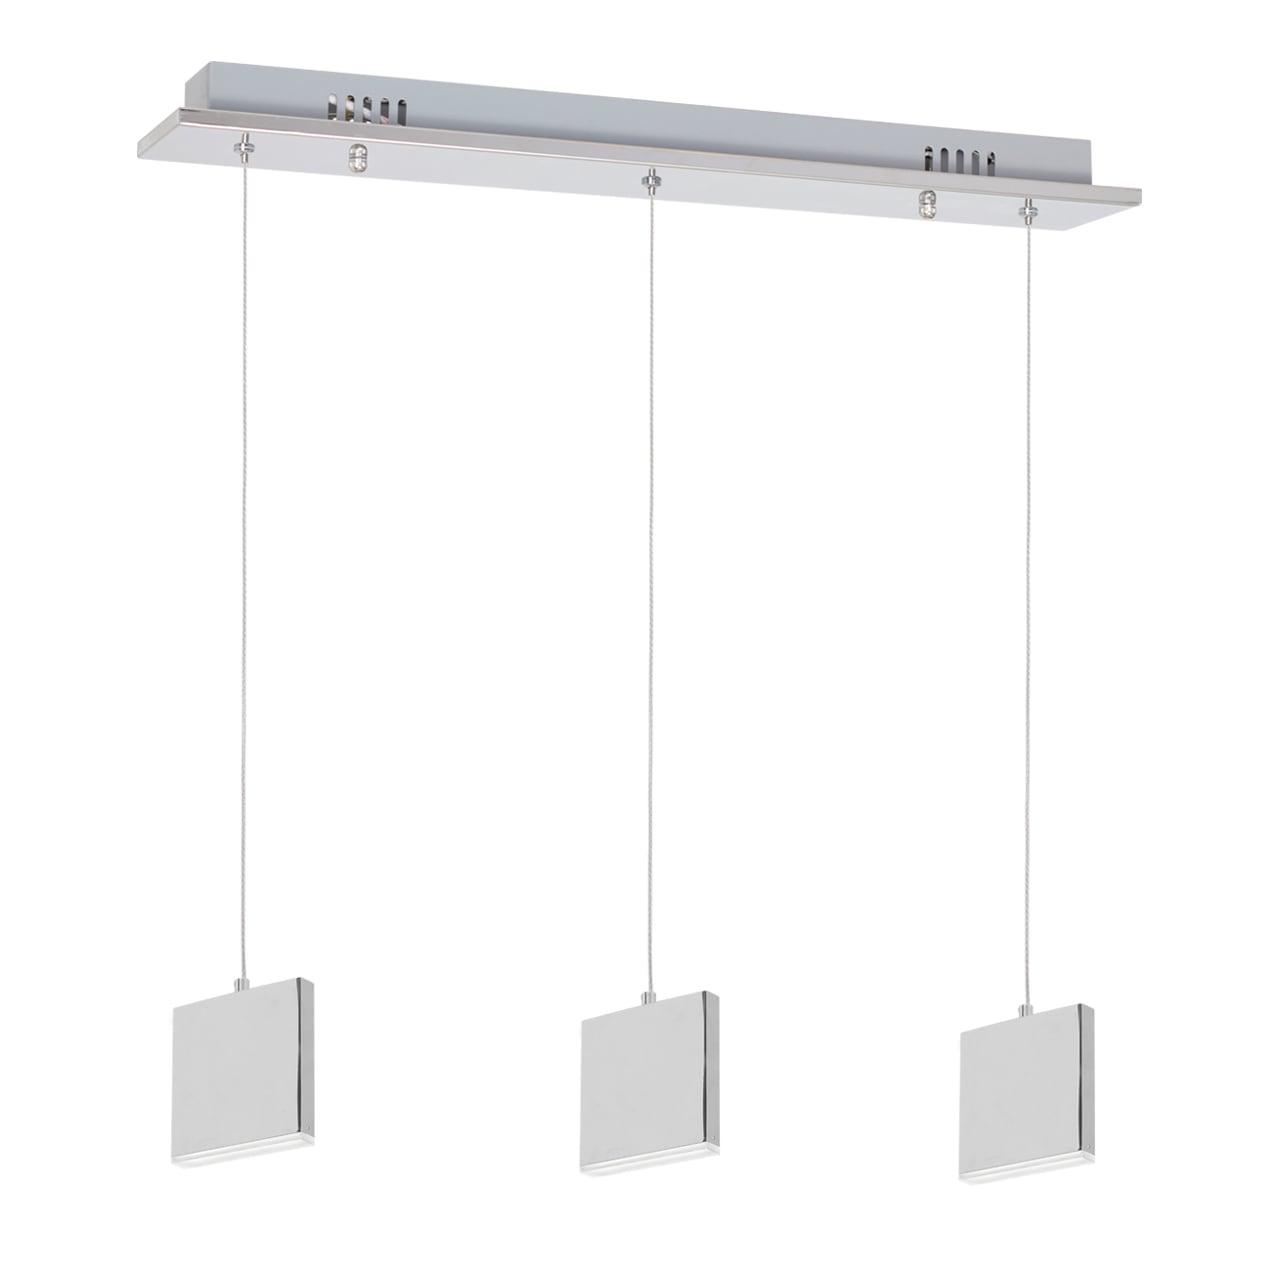 Lampa suspendată Milagro CUADRA 443 Chrom 15W